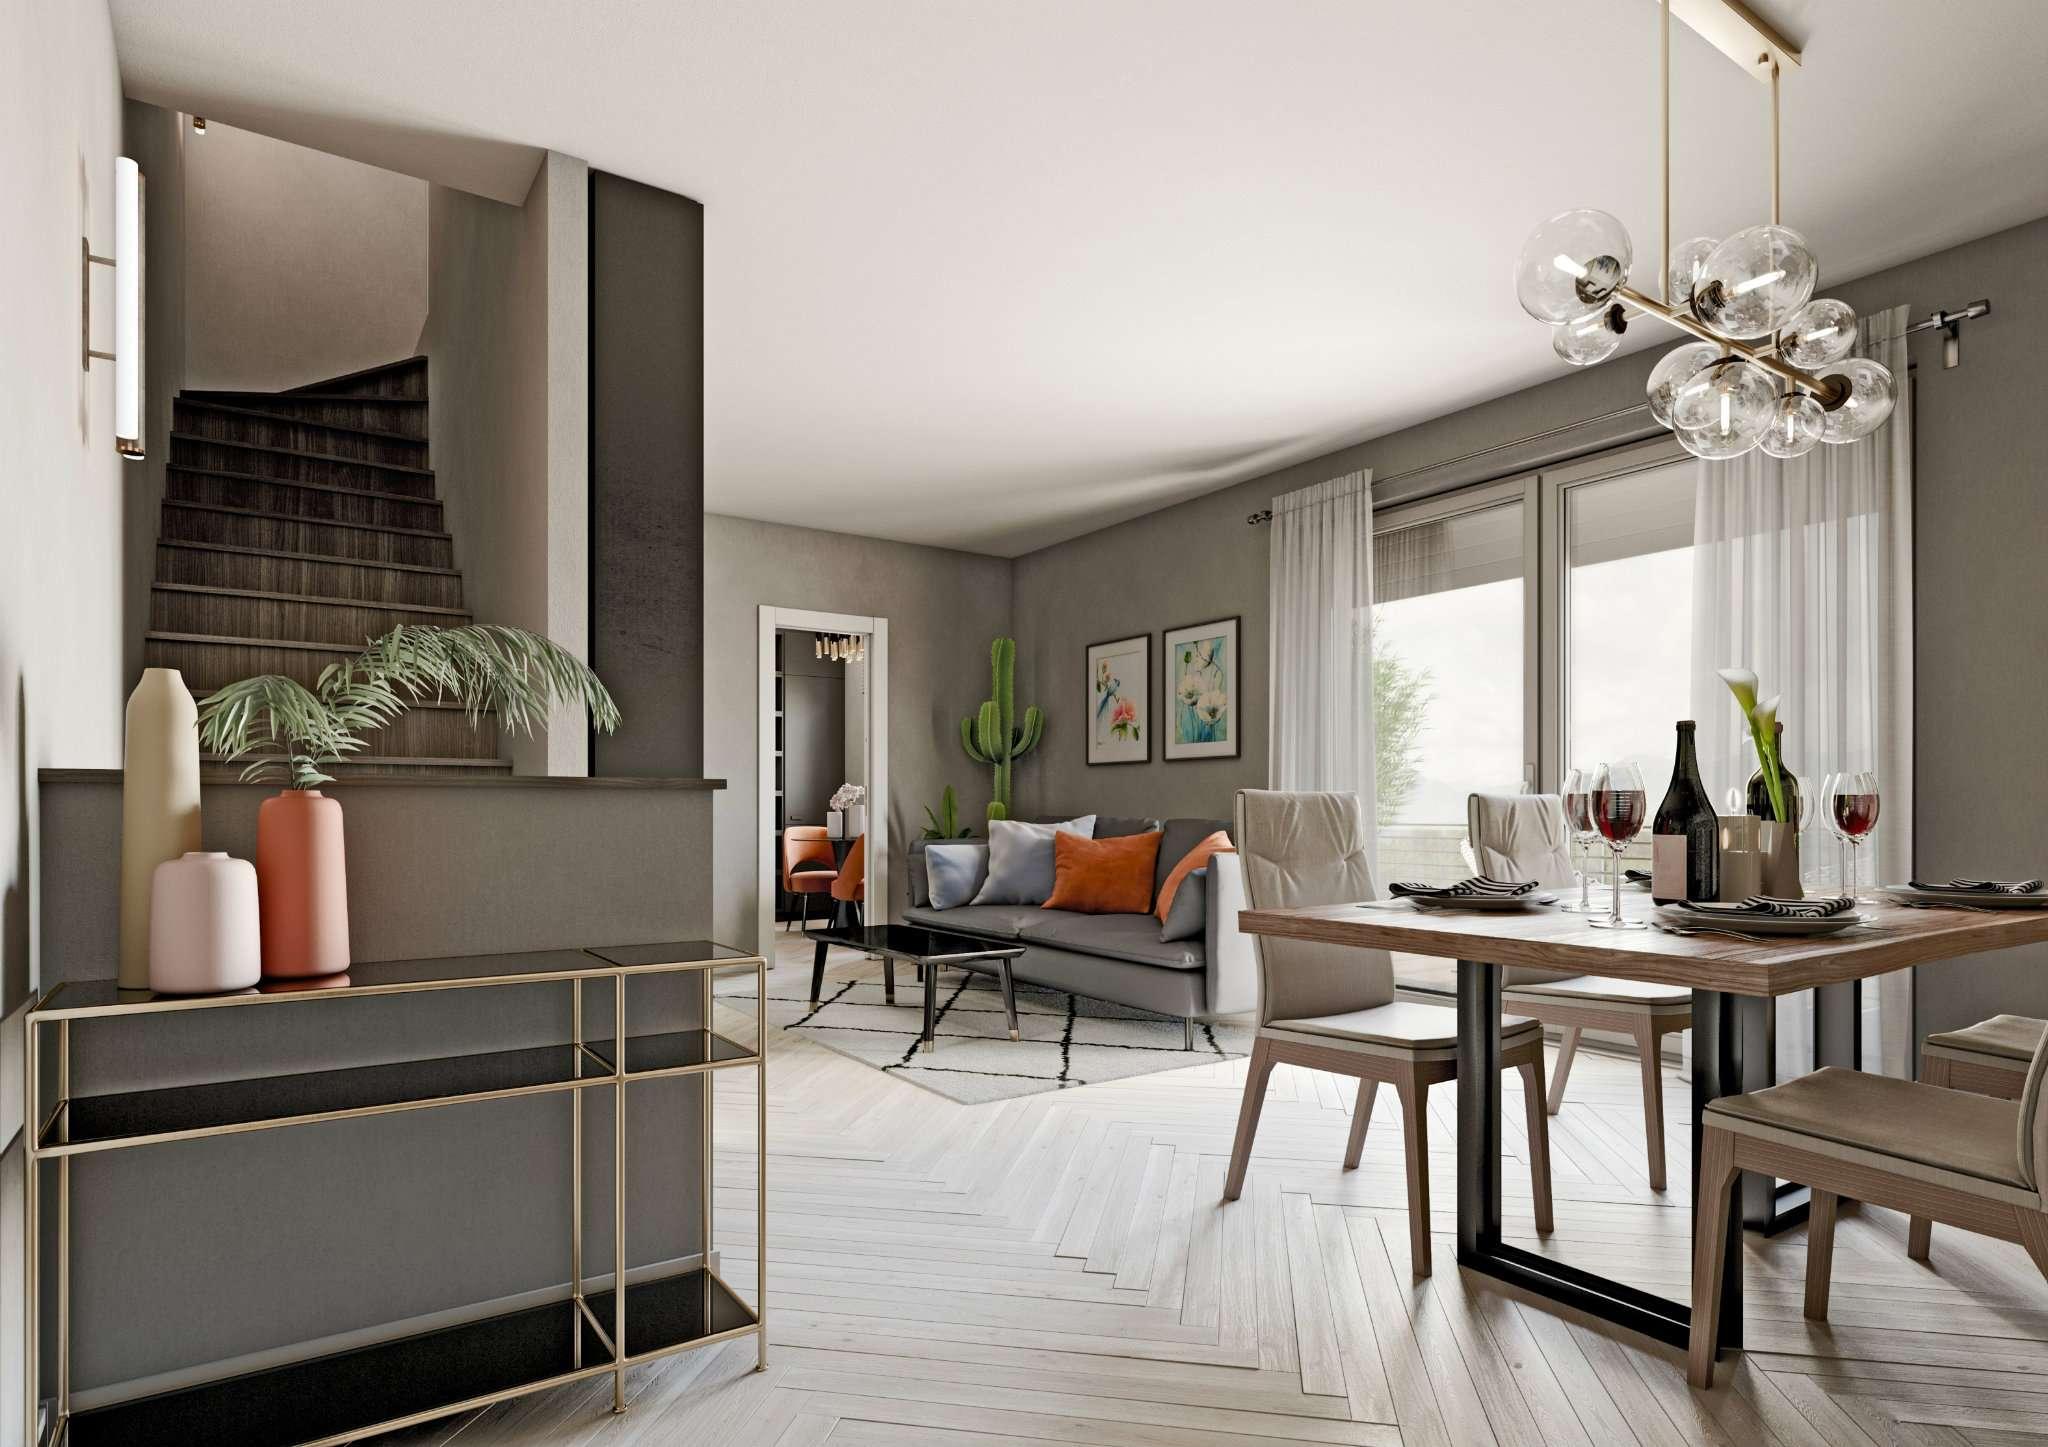 Appartamento in vendita a Mezzago, 3 locali, prezzo € 195.000 | CambioCasa.it